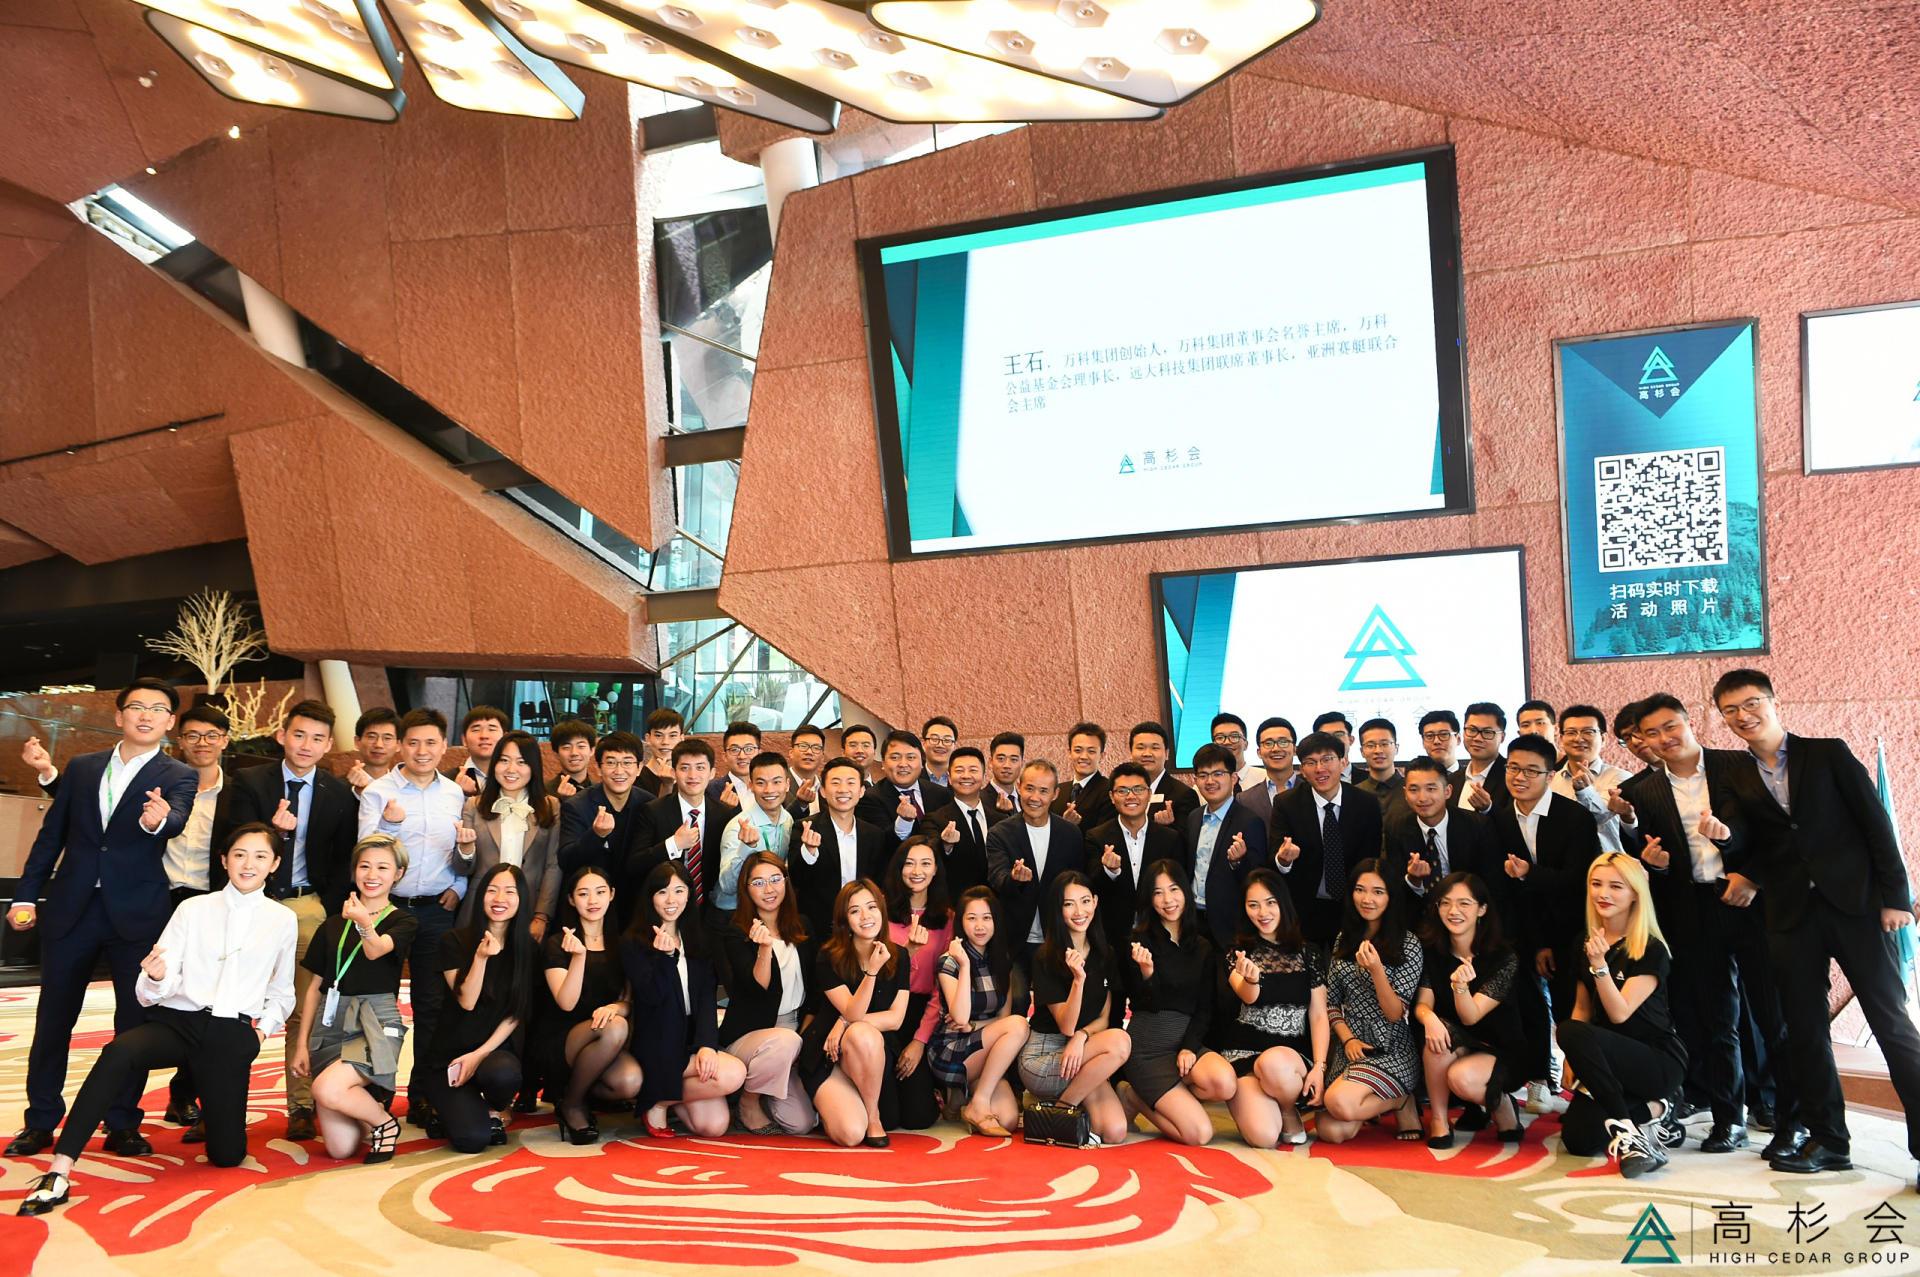 第四届全球青年领袖峰会圆满落幕